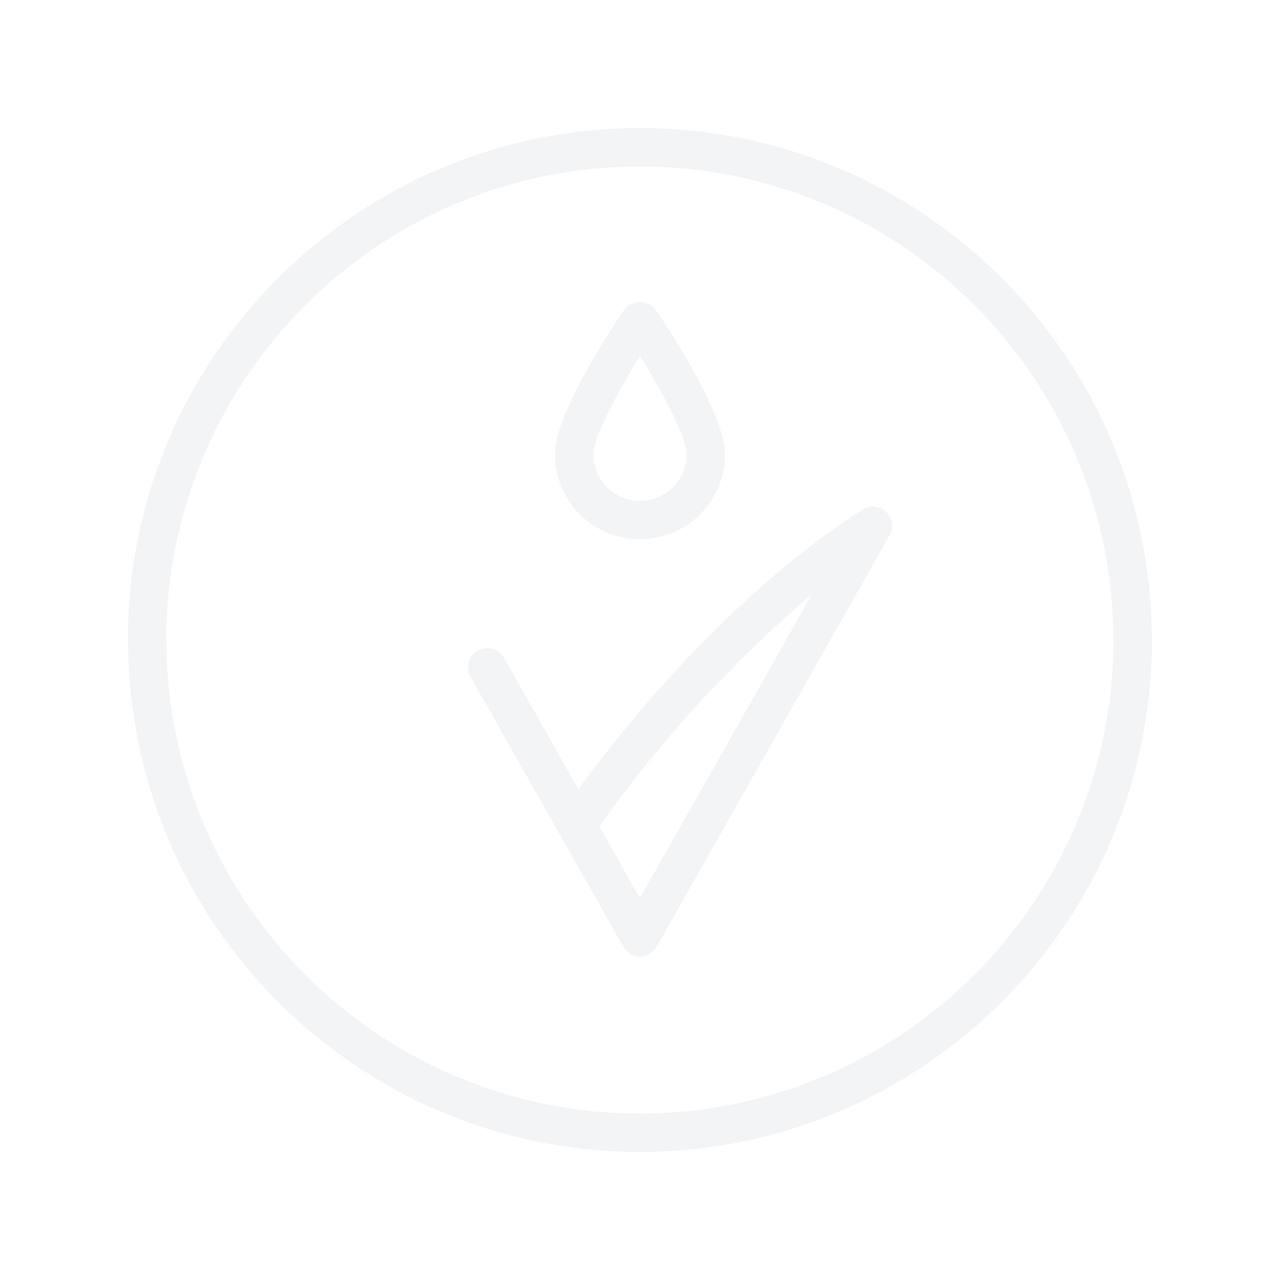 PHYTO Phytopanama Balancing Treatment Shampoo 250ml